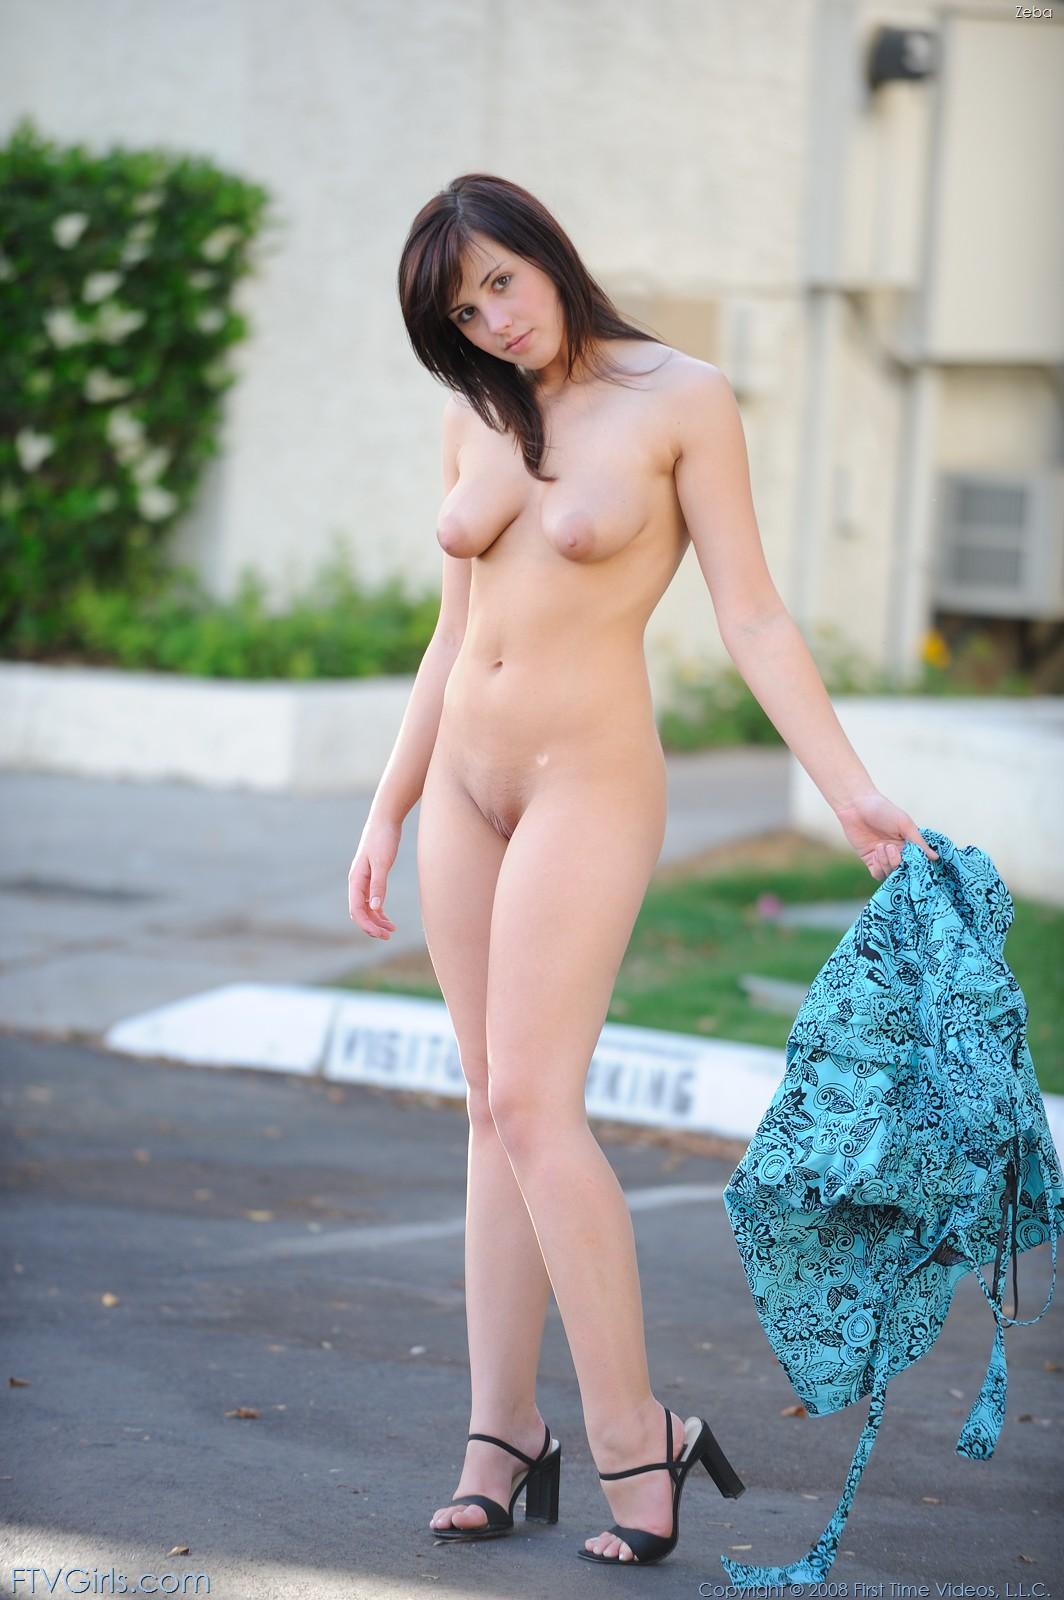 Сисястая девушка-подросток Brooke Adams раздевается и раздвигает ягодицы